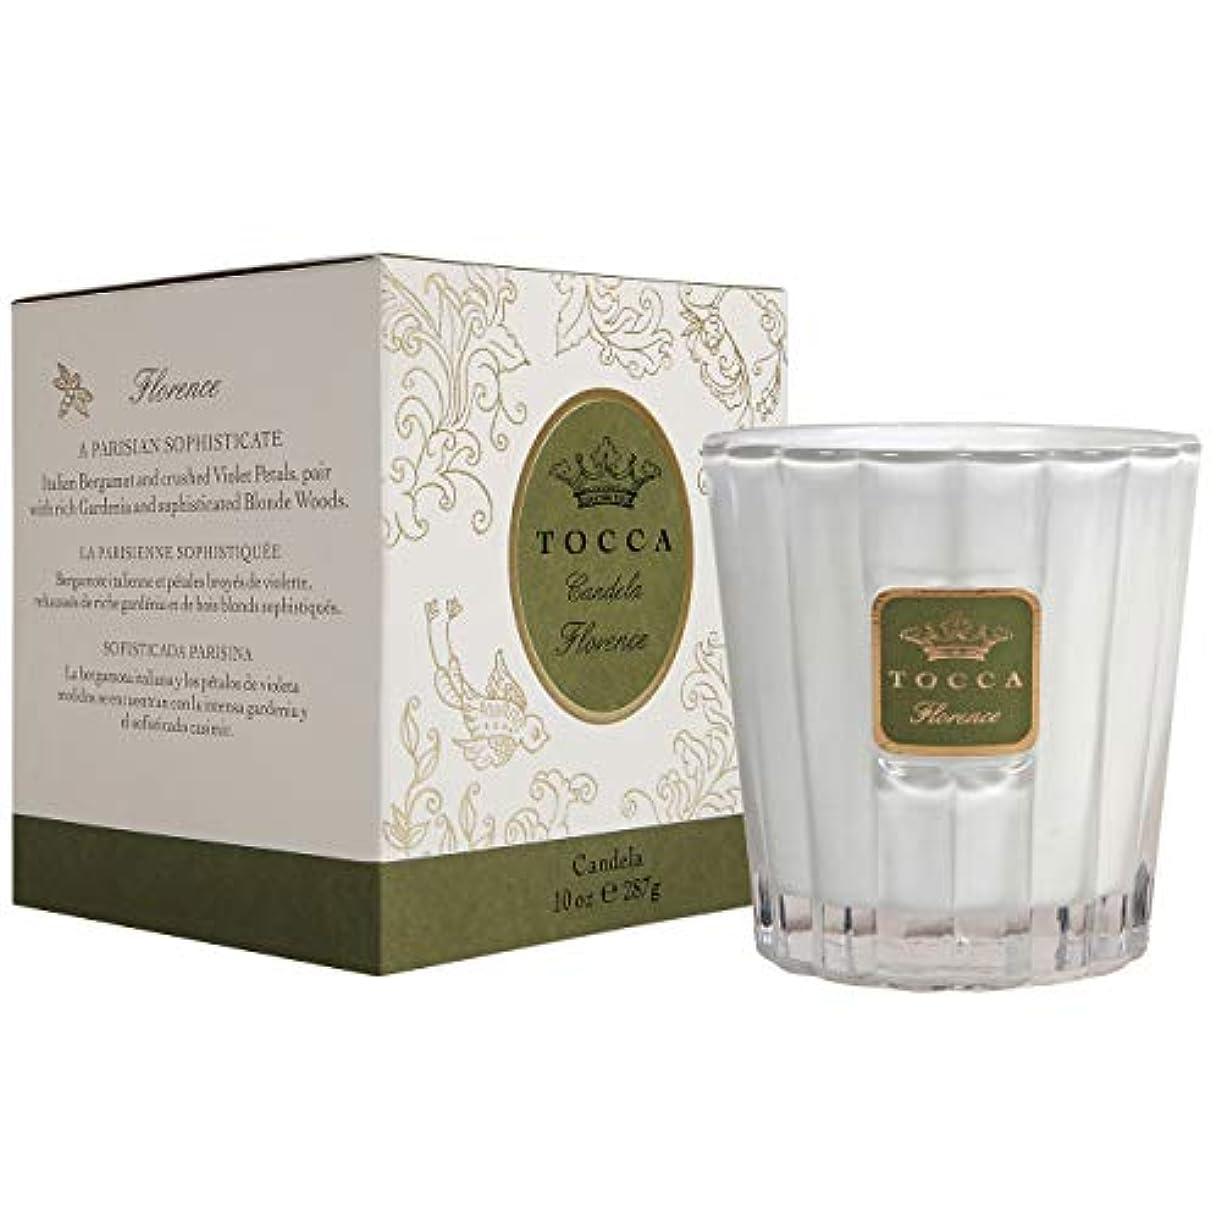 明確なクルーズ再生トッカ(TOCCA) キャンドル フローレンスの香り 約287g (ろうそく 上品なフローラルの香り)